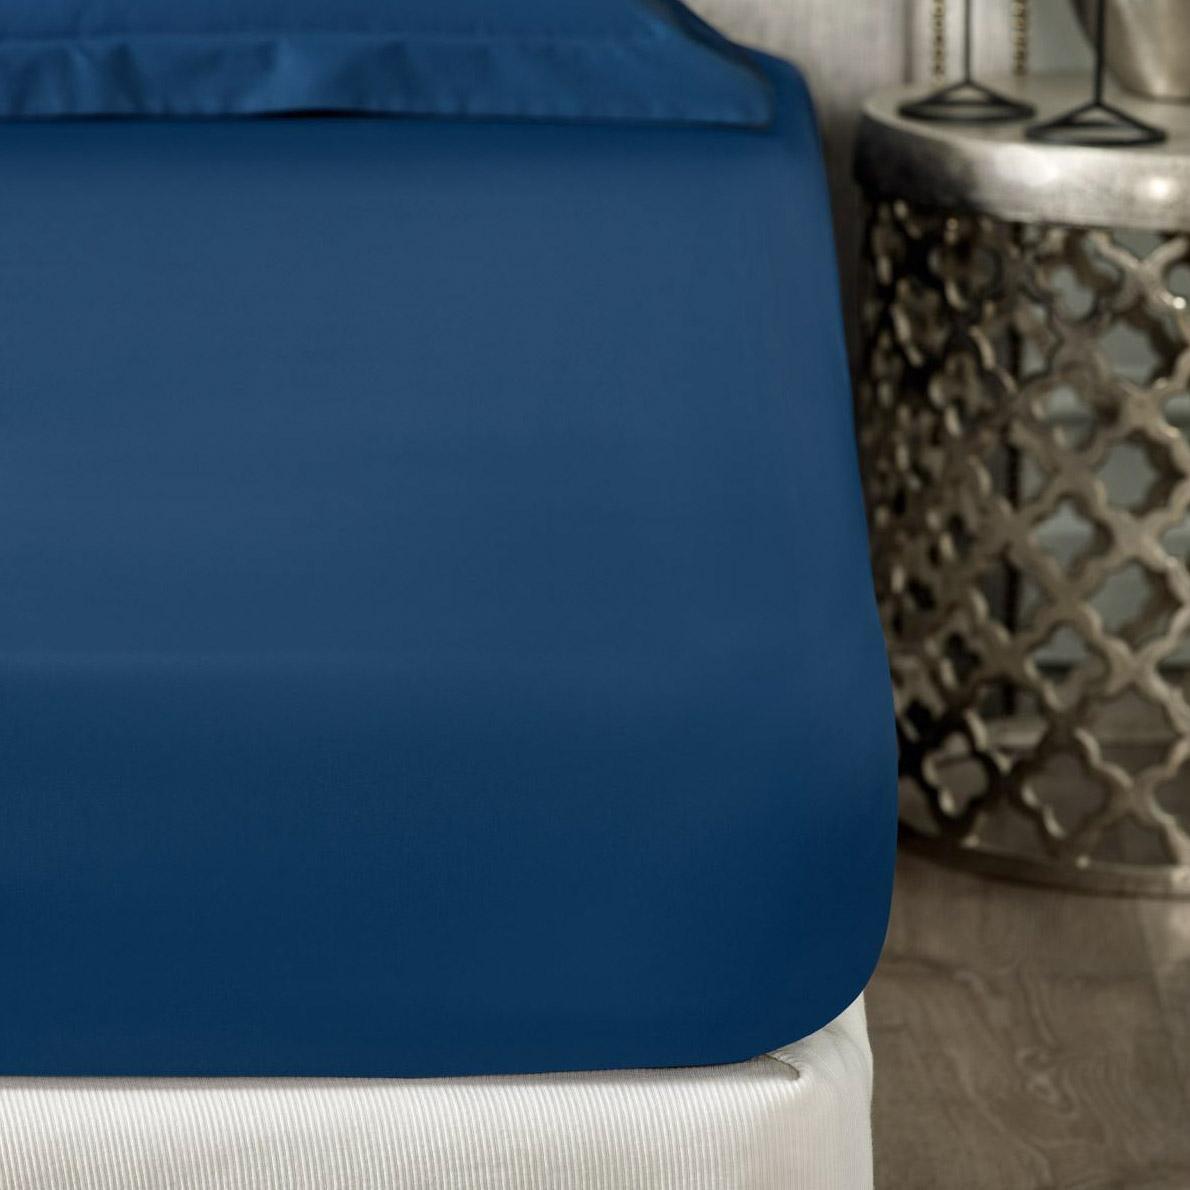 Фото - Простыня Togas роял темно-синий 200x230 см пододеяльник togas роял темно синий 145х200